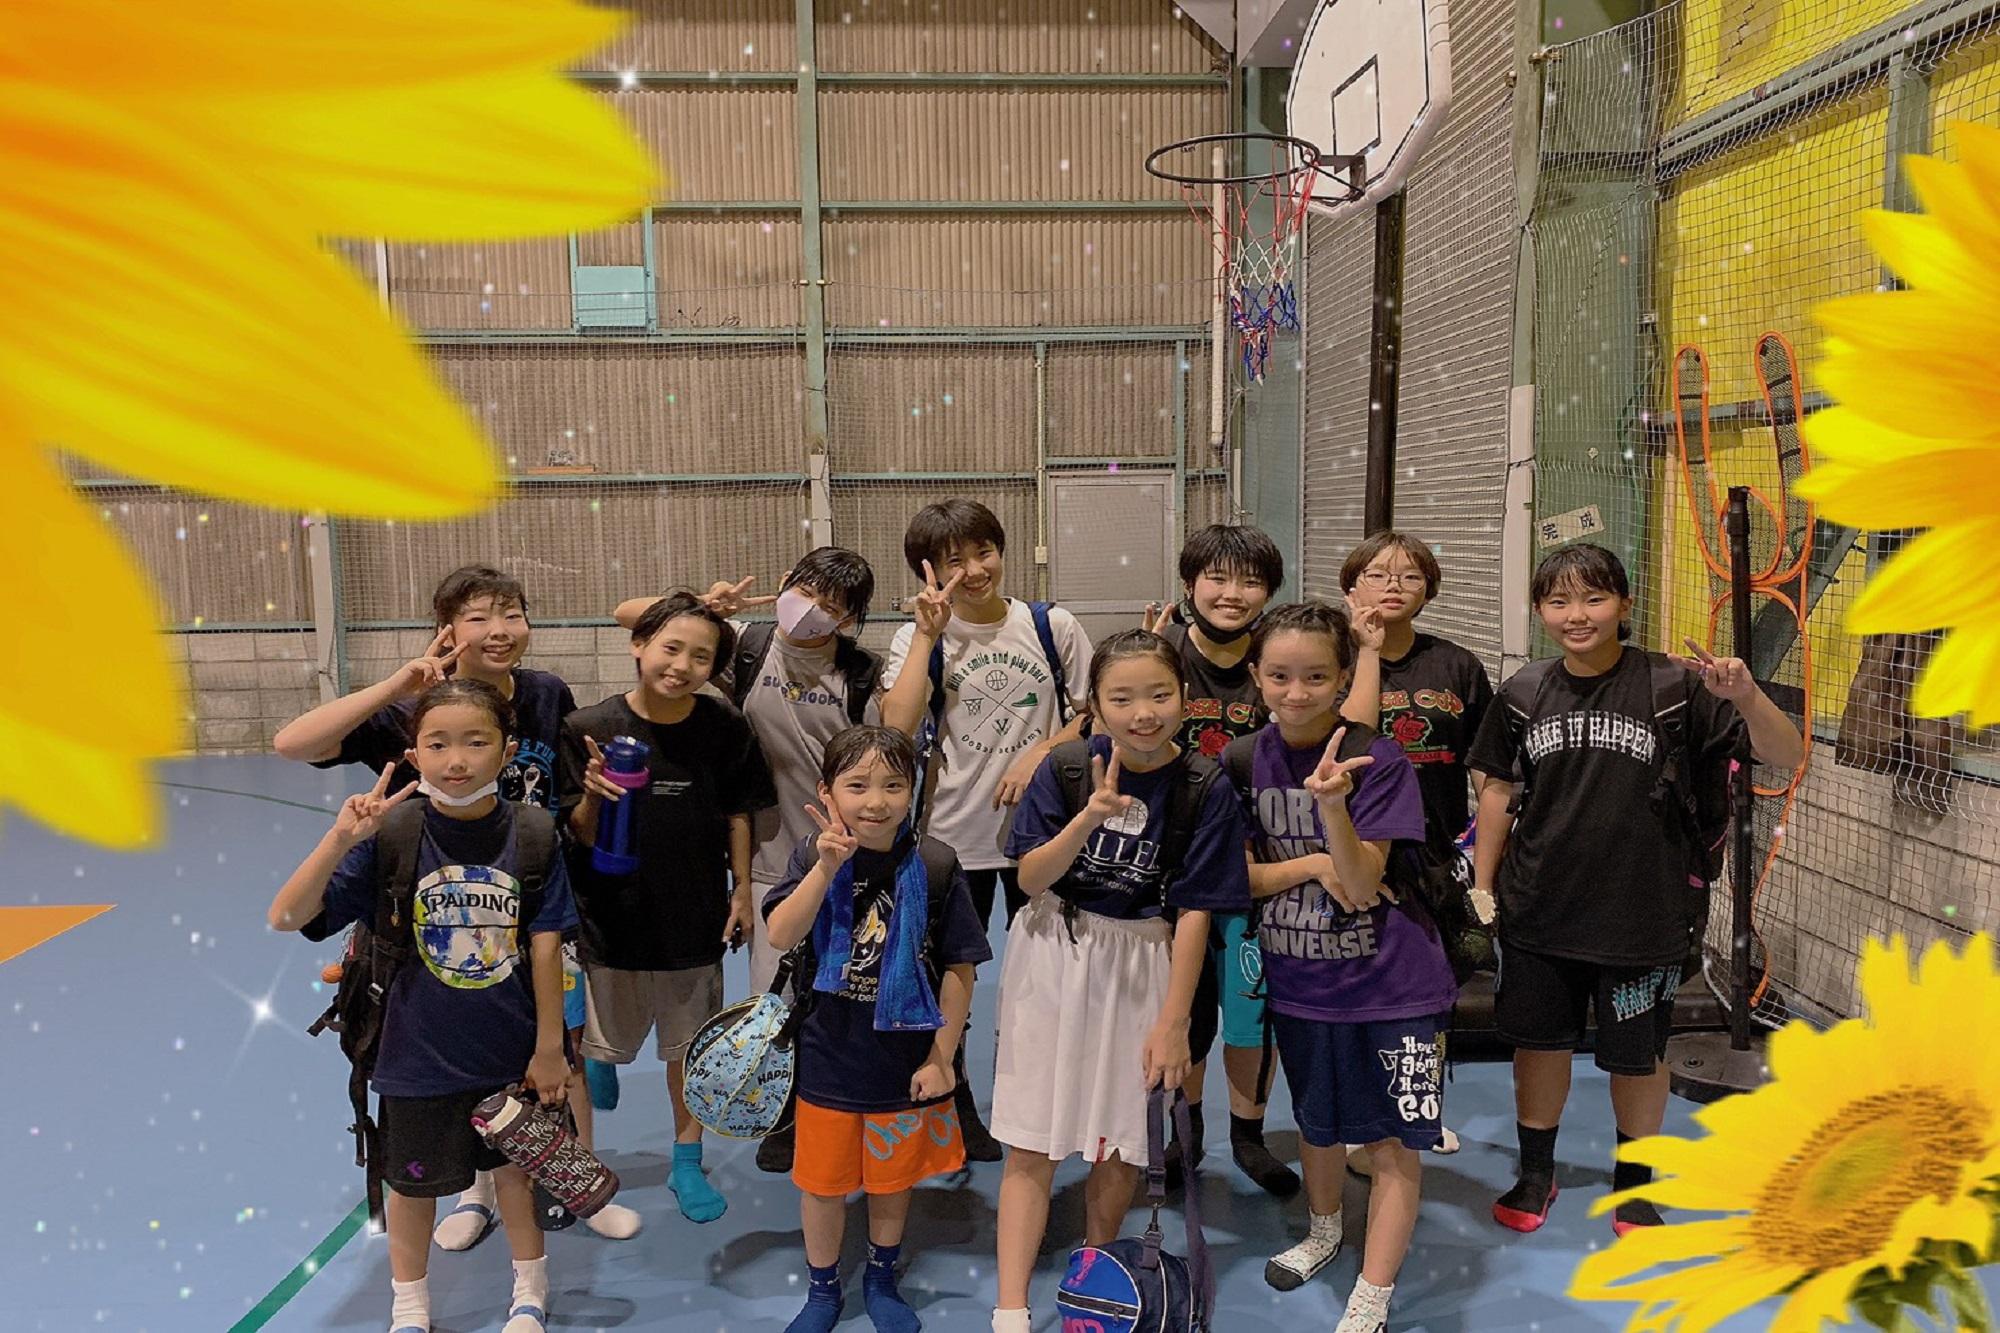 福山市EXMバスケットコート&ボルダリングスペース